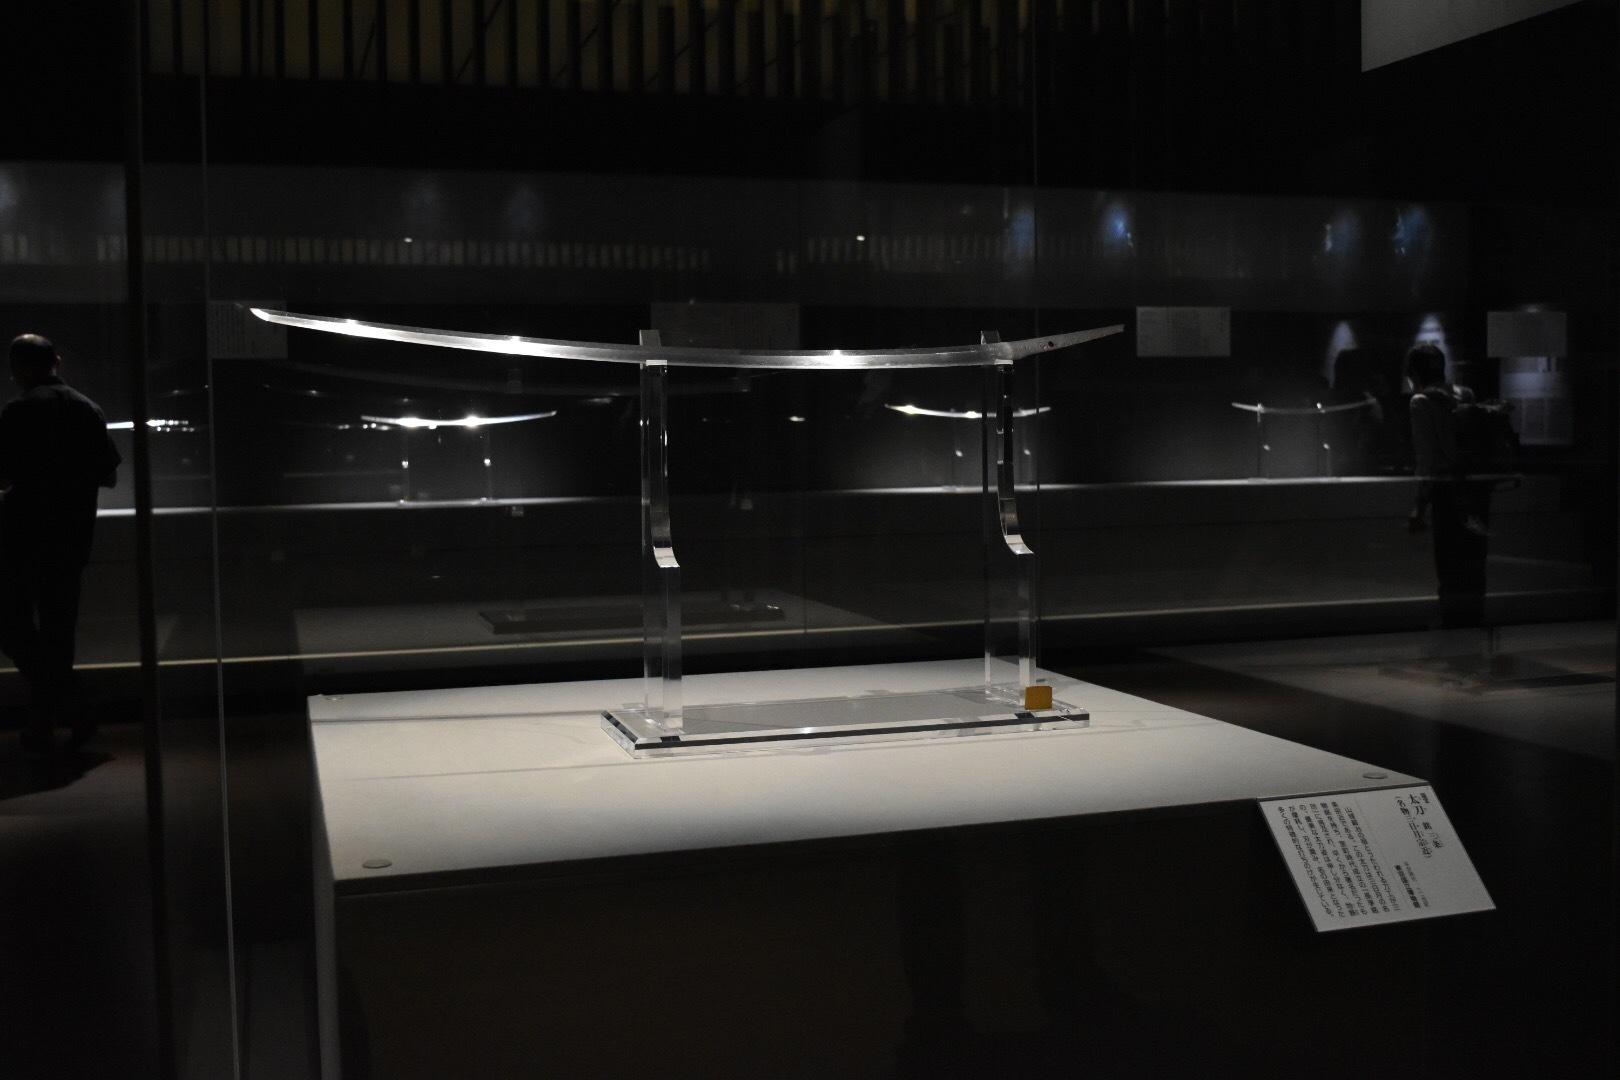 国宝《太刀 銘三条(名物三日月宗近)》 平安時代 東京国立博物館